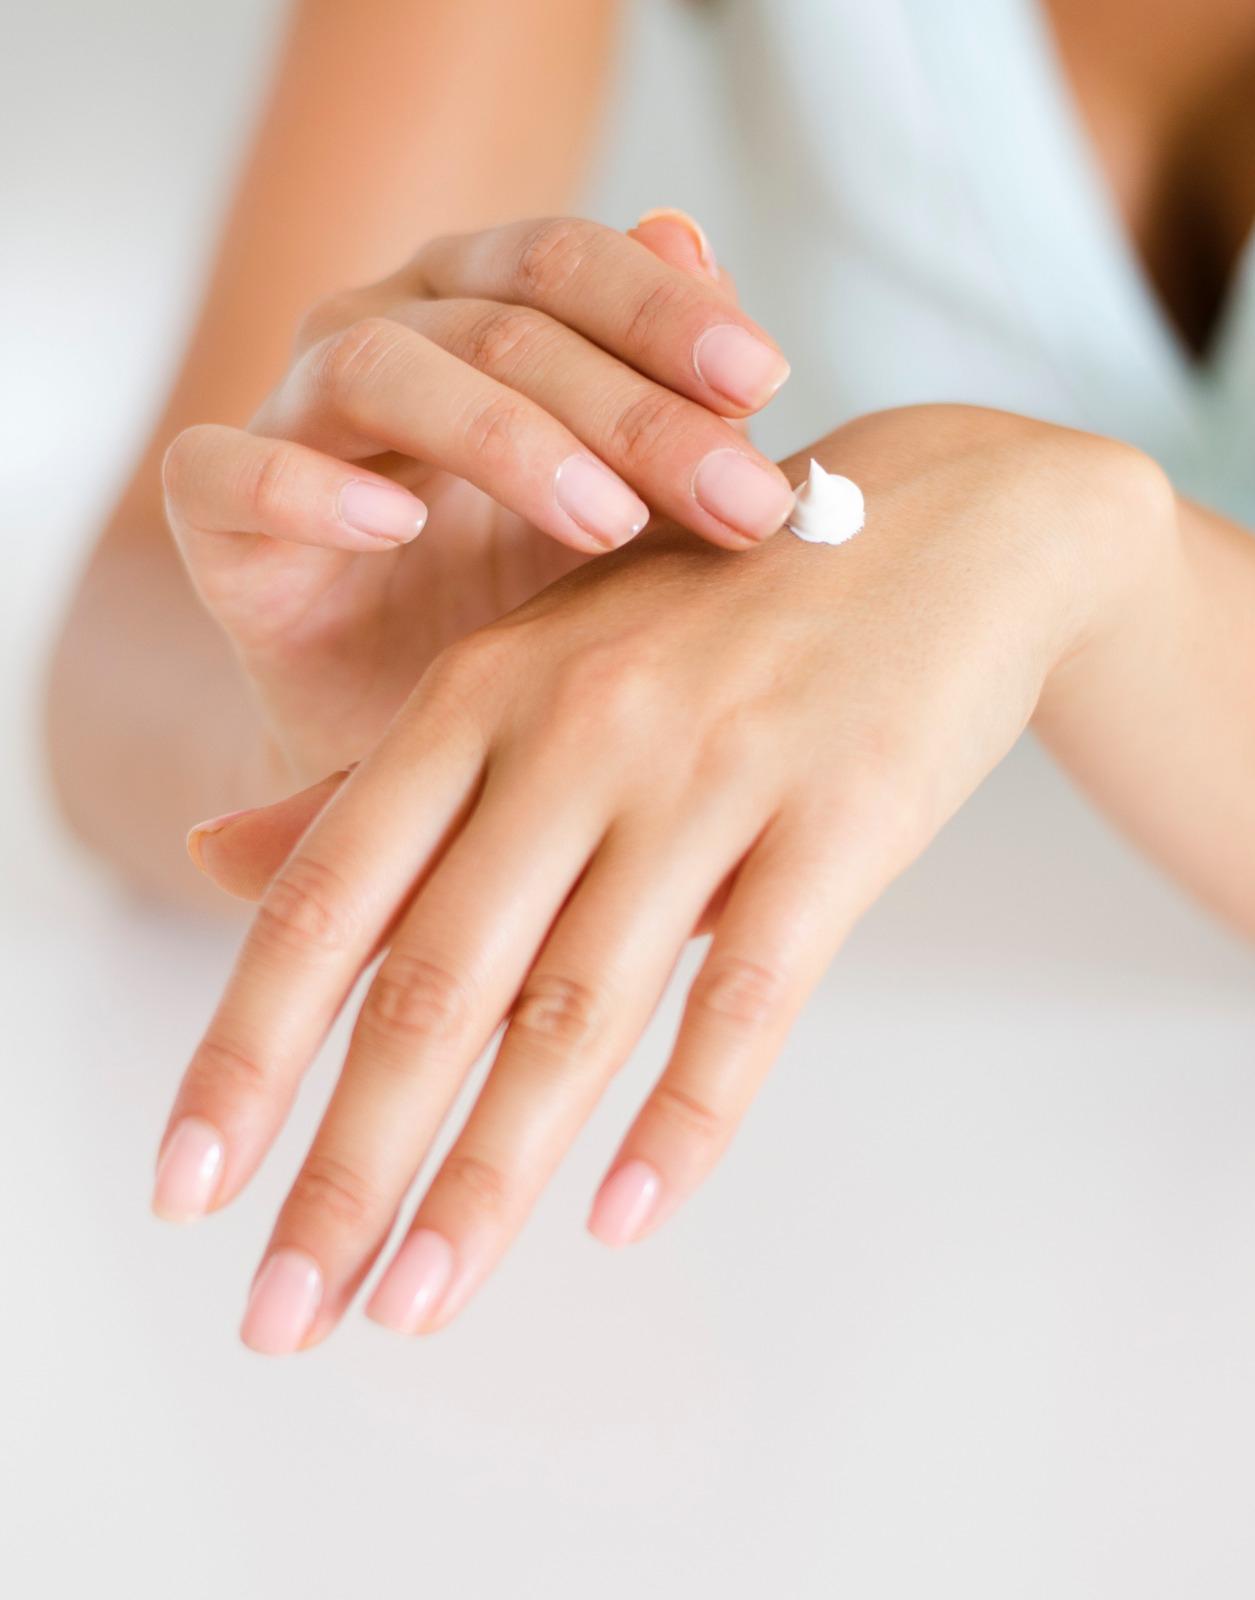 Cosmetica coreana: i prodotti per il benessere della pelle